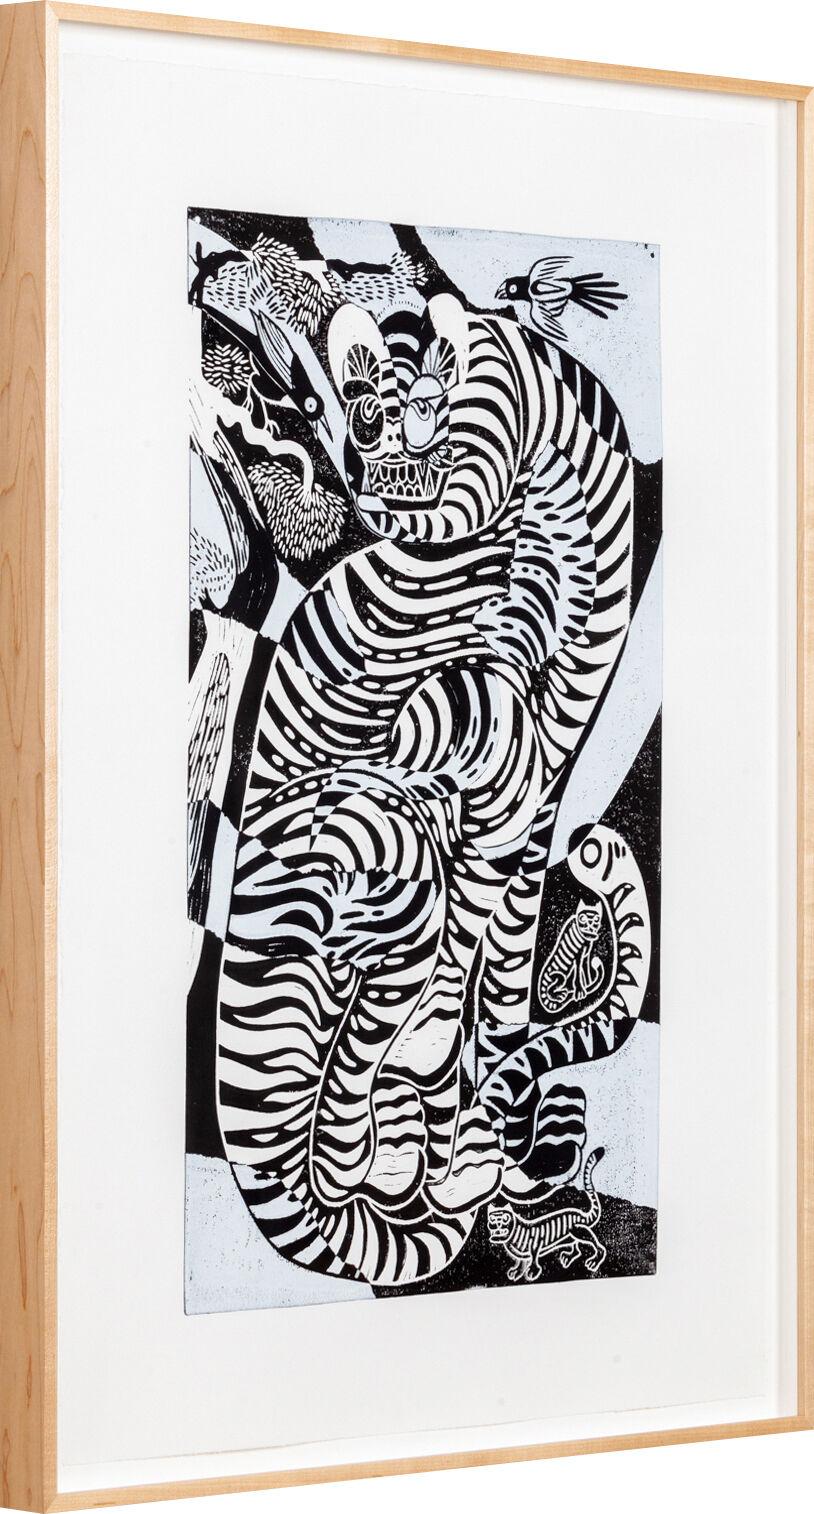 kour pour tsugigami tiger 7898